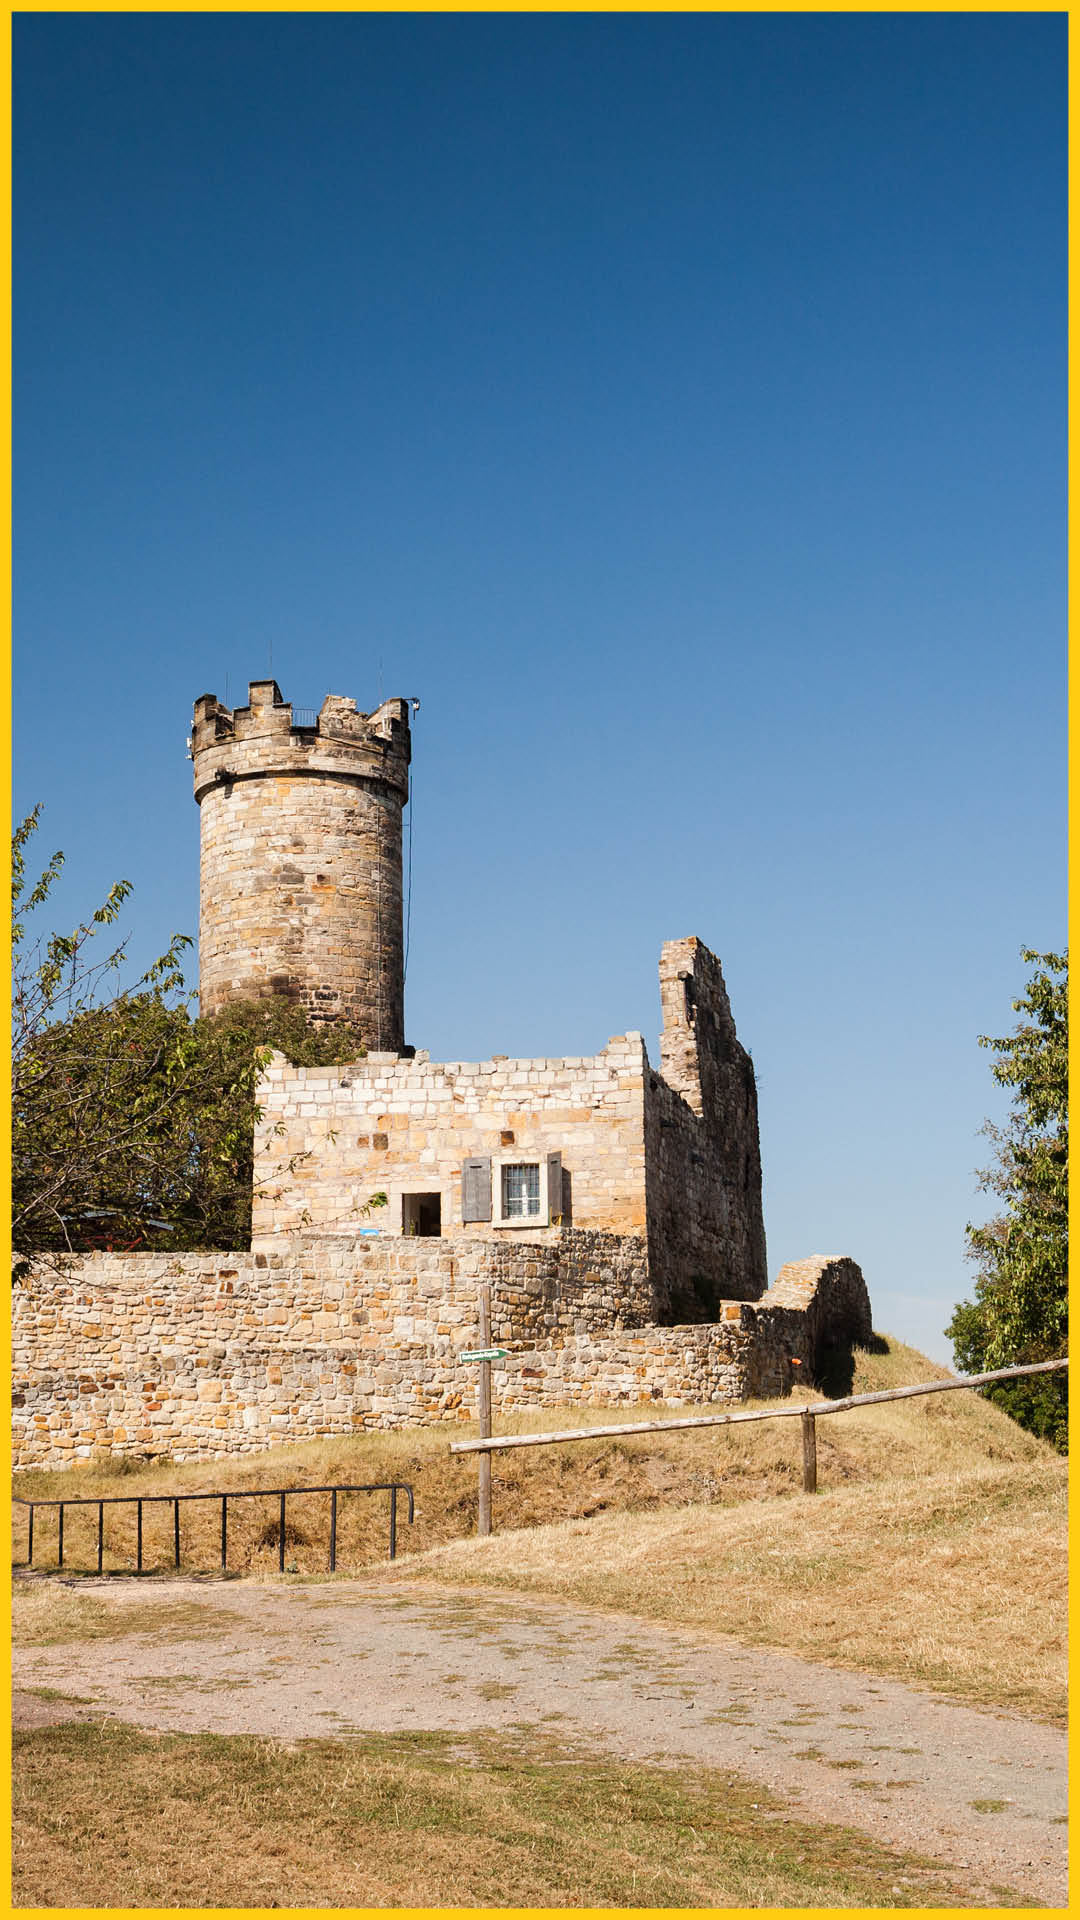 Blick auf die Burg Mühlburg im Landkreis Gotha auf dem Bach Radweg durchgeführt vom Werra Bikes